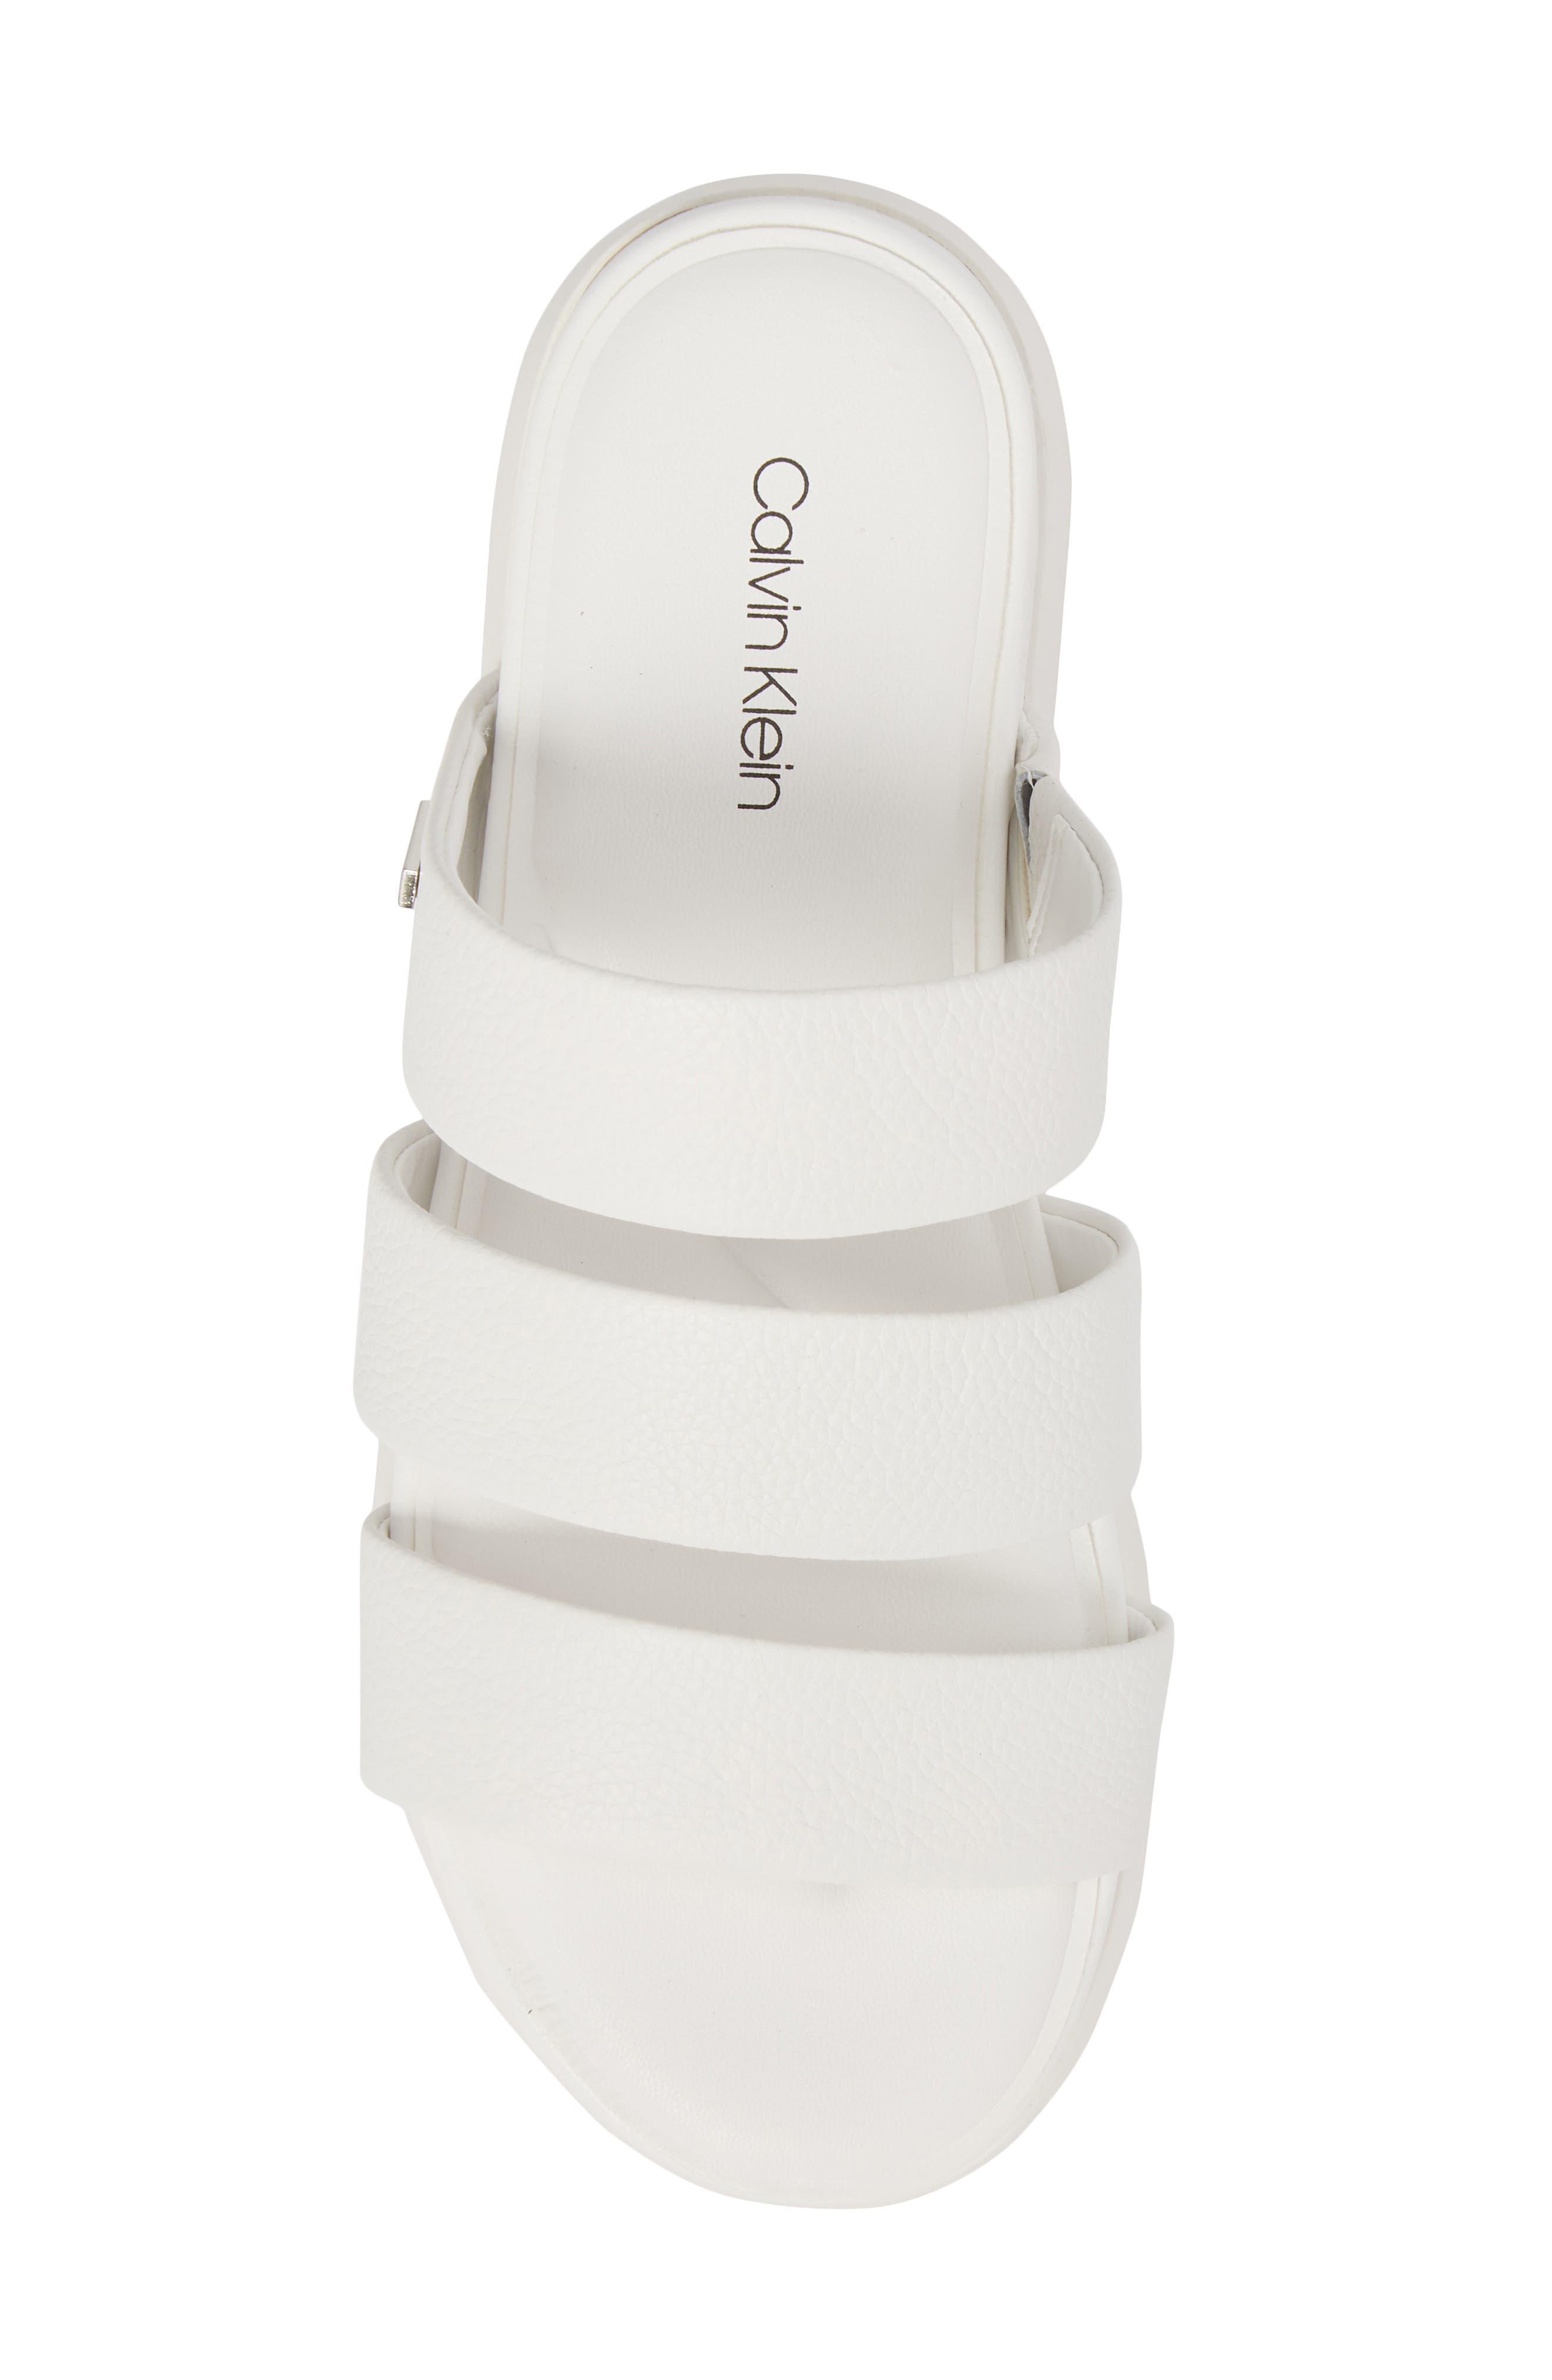 Dalana Slide Sandal,                             Alternate thumbnail 5, color,                             Platinum White Pebble Leather